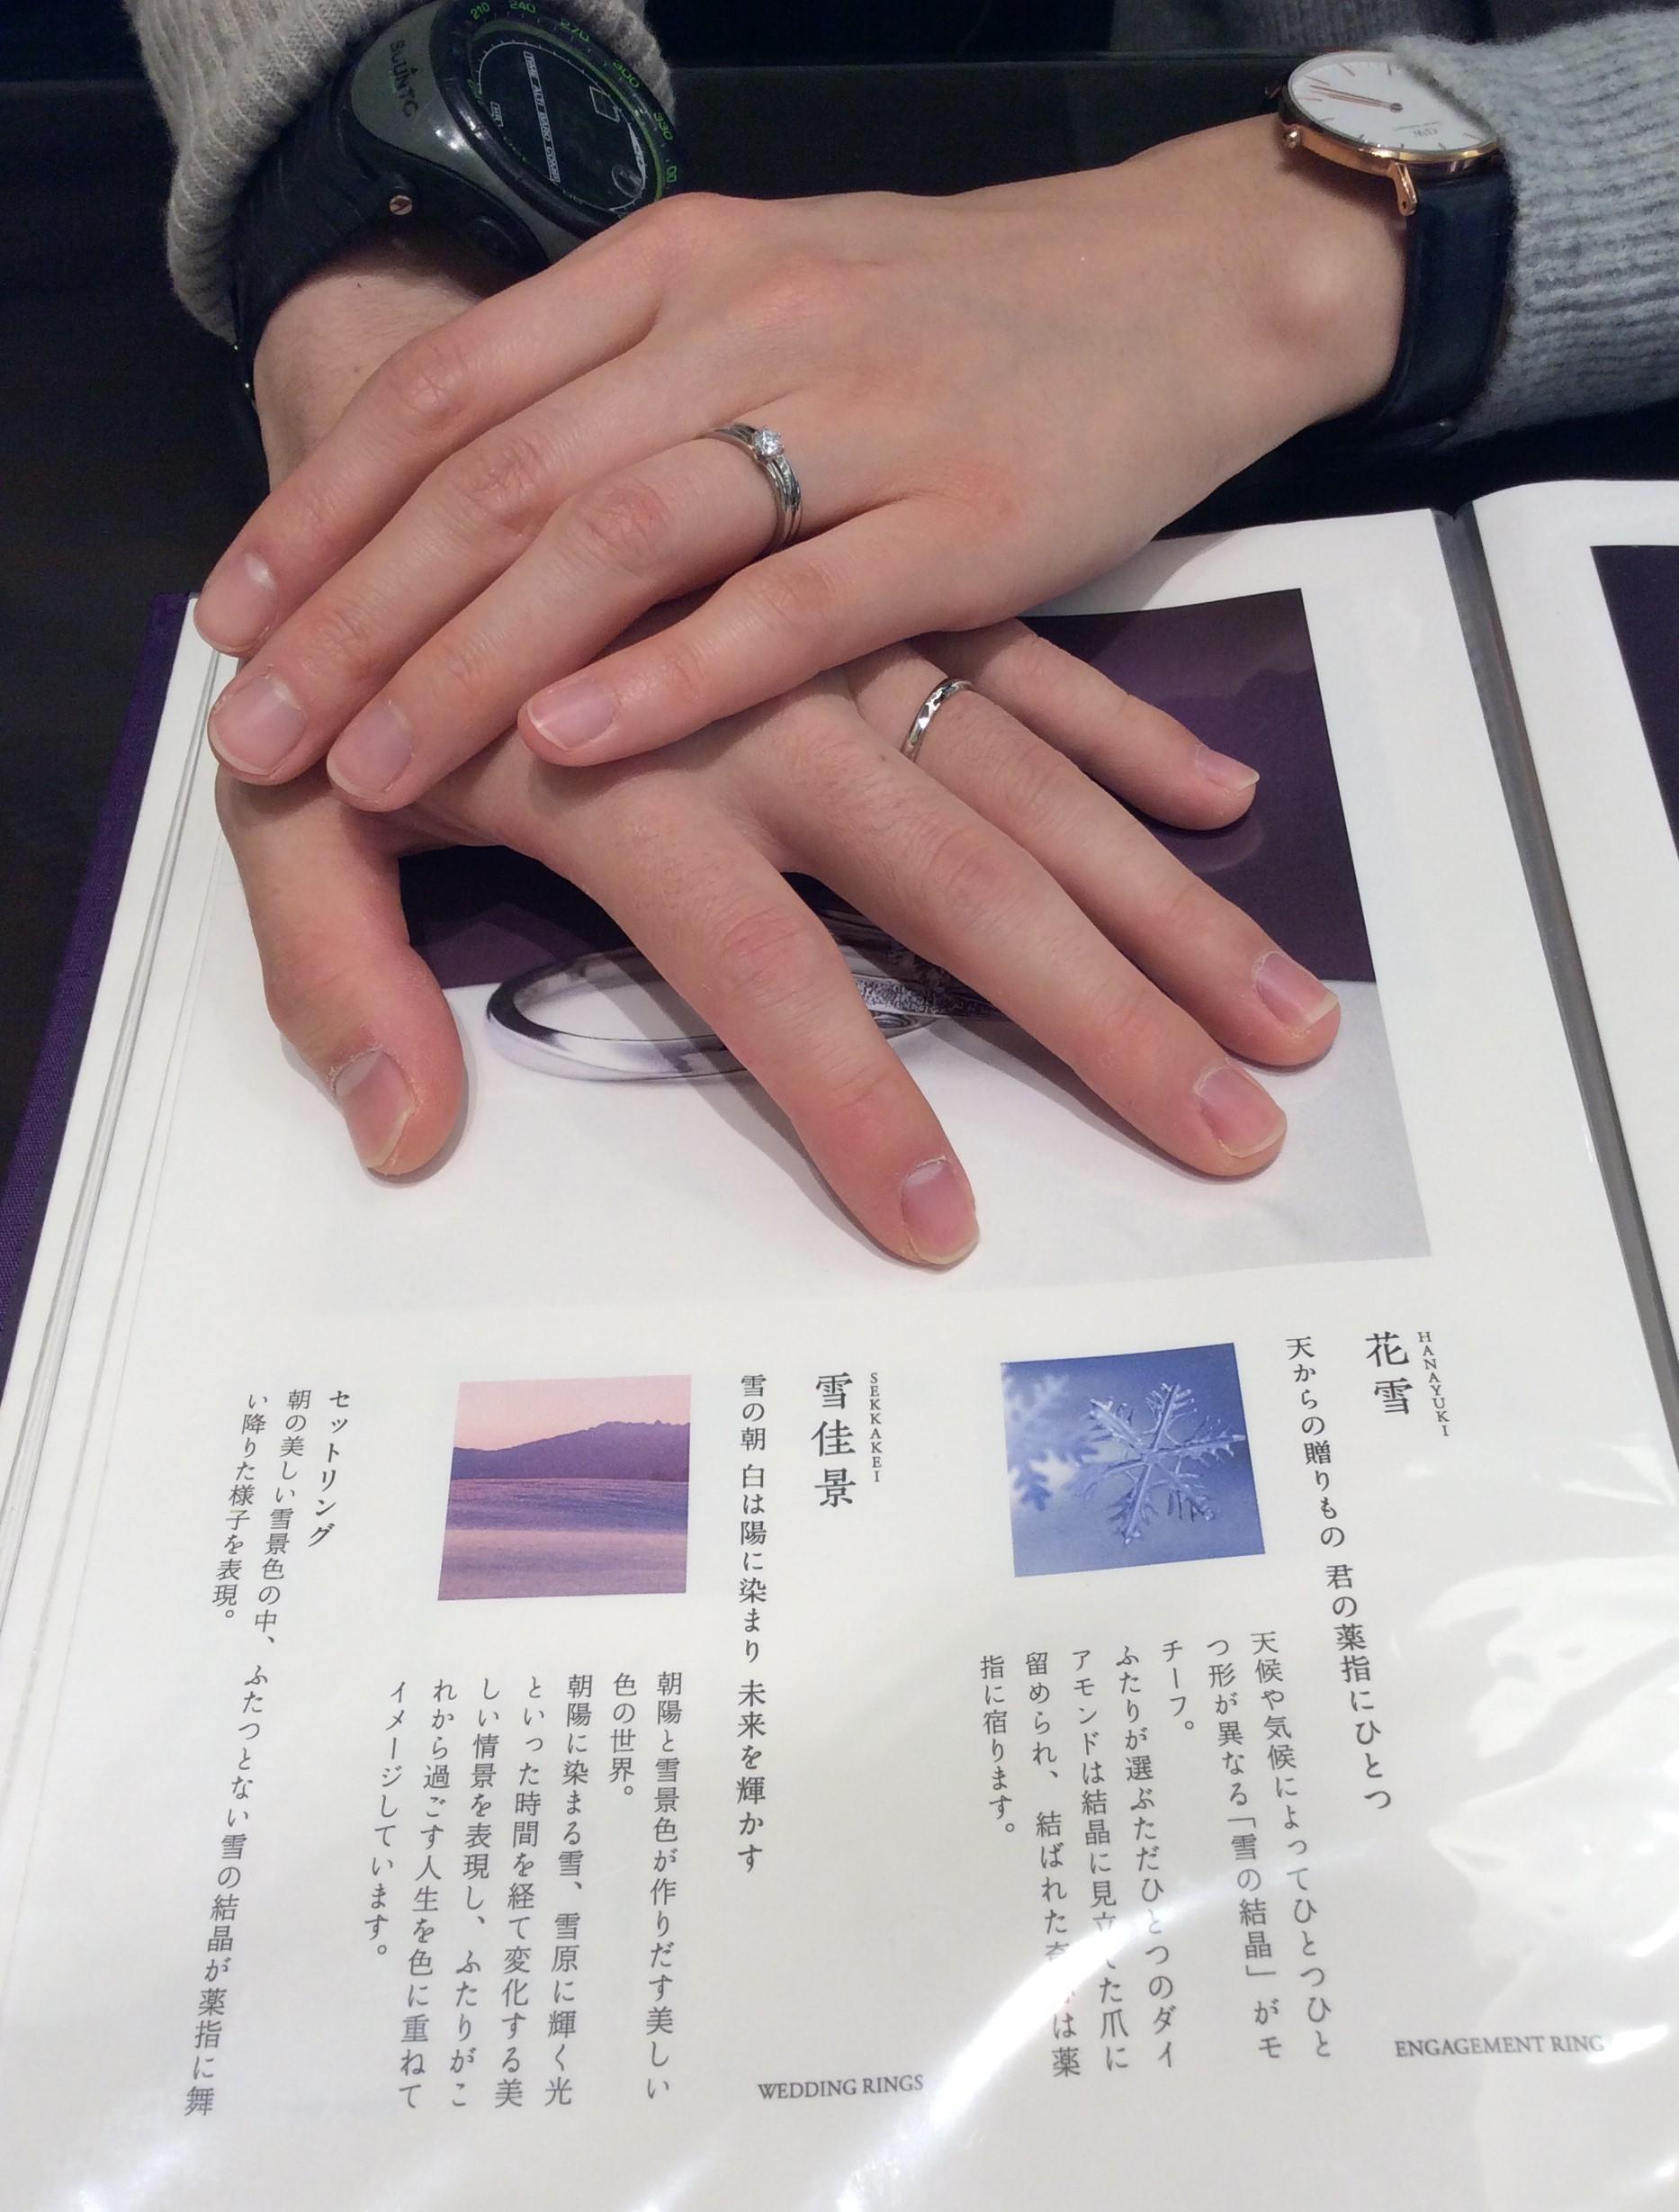 「セットリングがとてもきれい」俄(にわか)の婚約指輪と結婚指輪 (新潟市・新発田市/S様&M様)